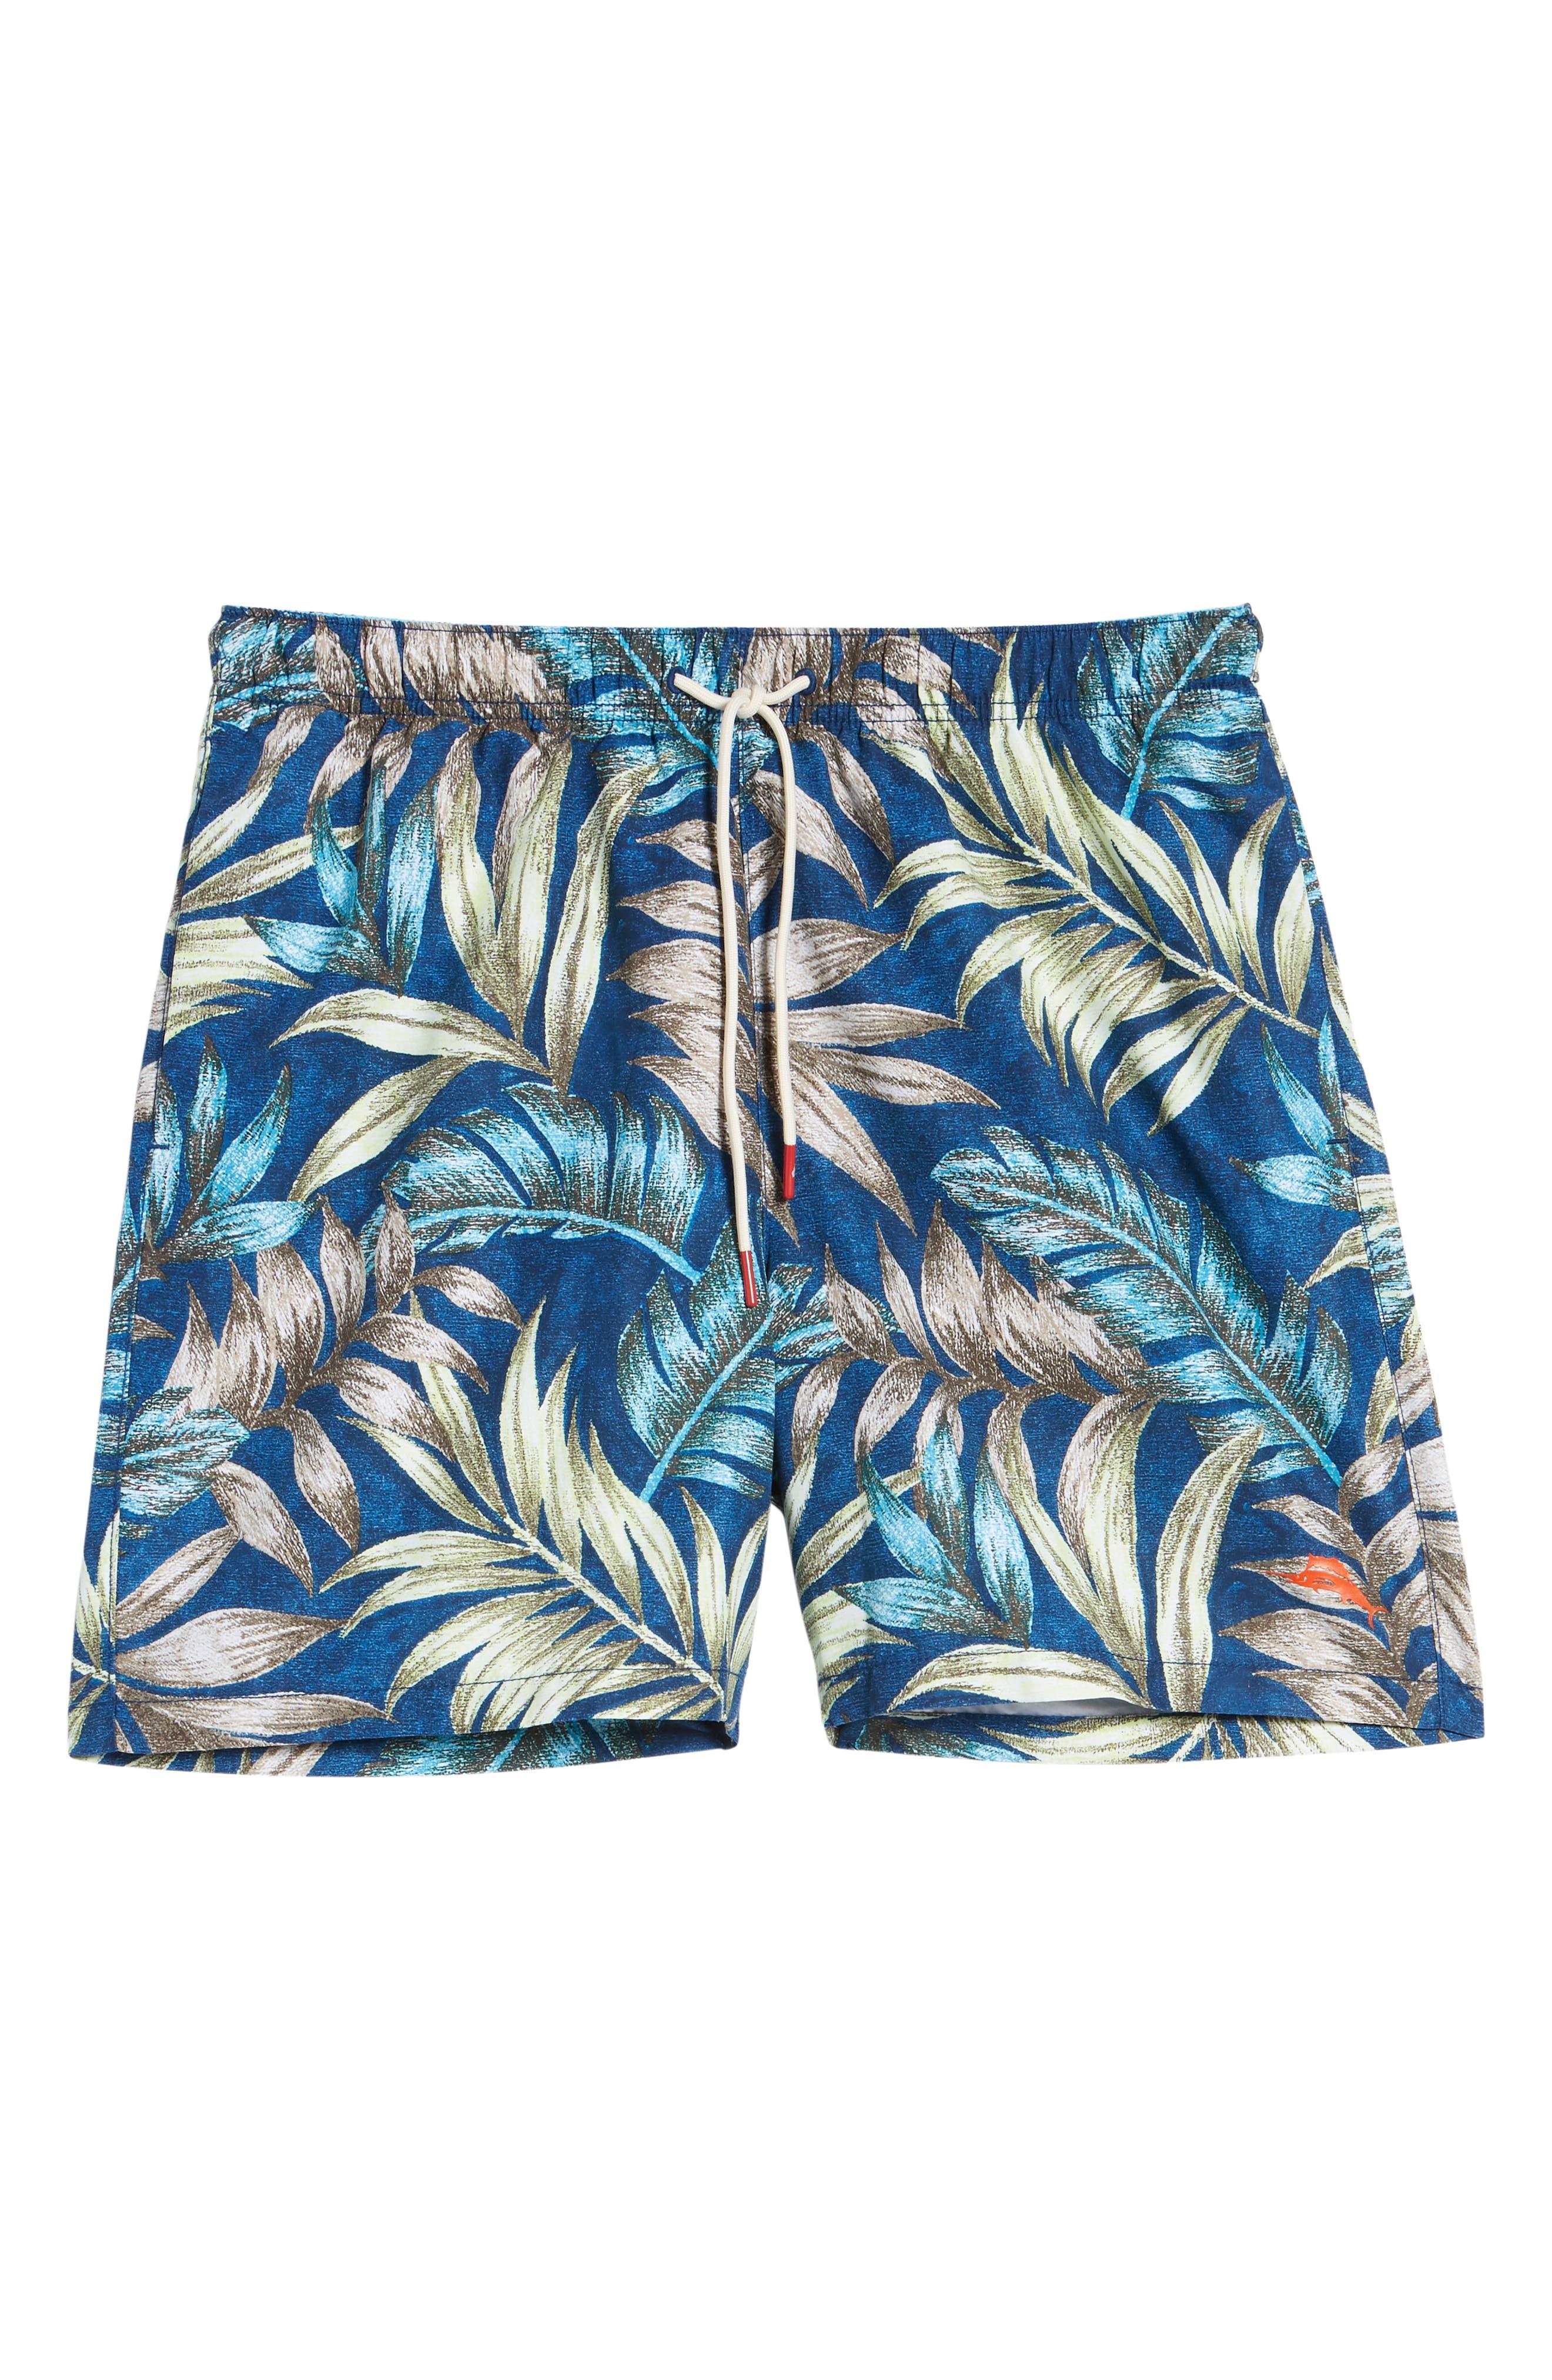 Naples Parque Palms Swim Trunks,                             Alternate thumbnail 6, color,                             400